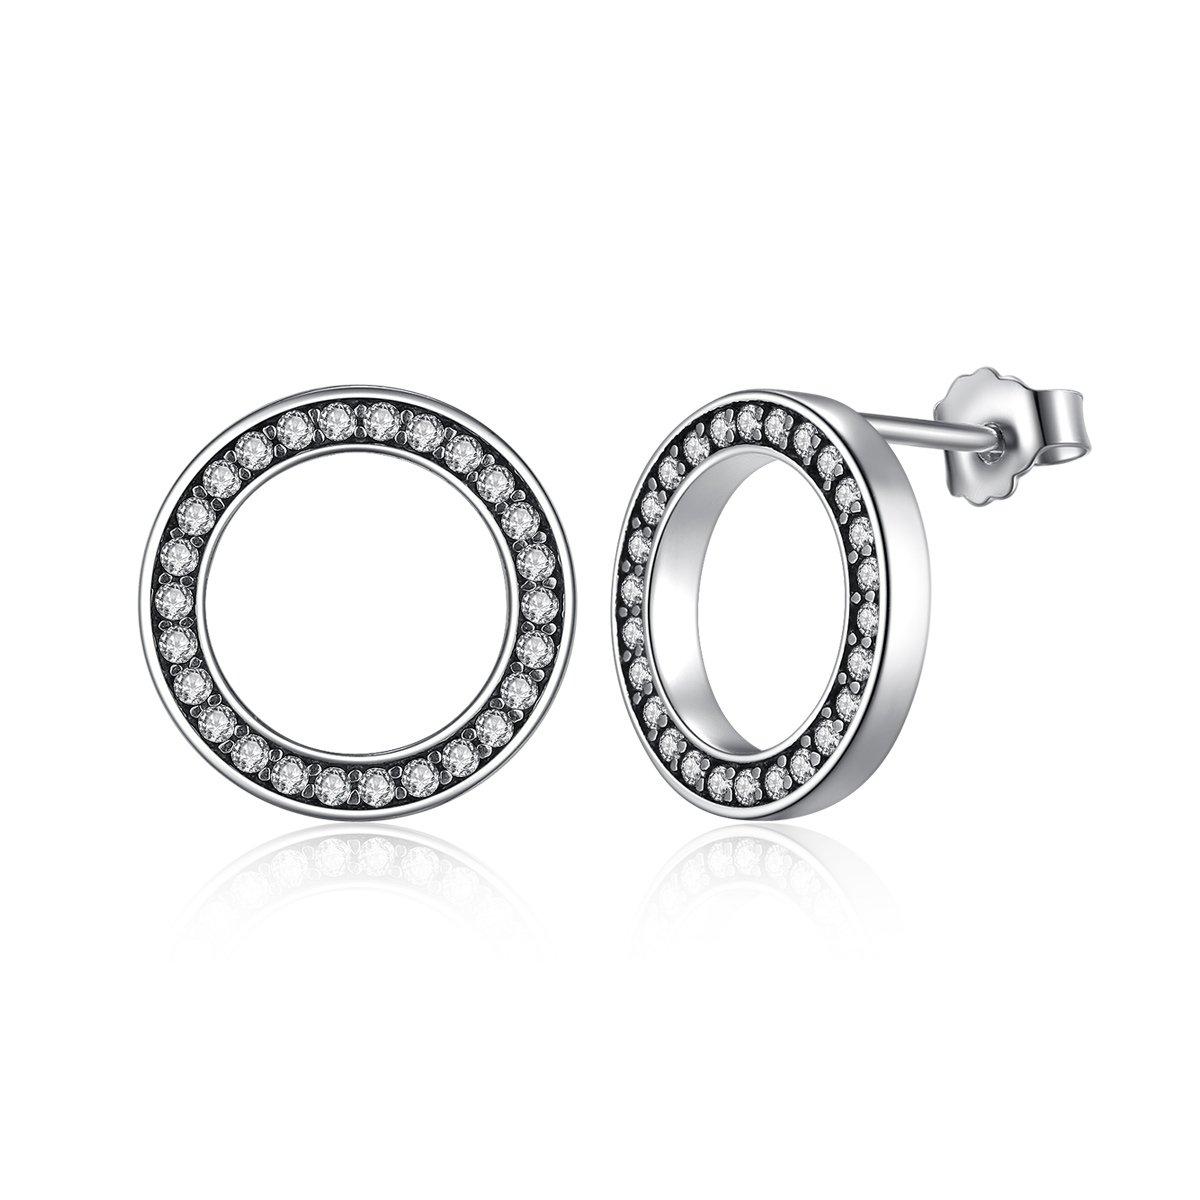 9b2cf54002d00 Presentski Pierced Earrings for Women Girls,925 Sterling Silver CZ Circle  Stud,Jewellery Gift